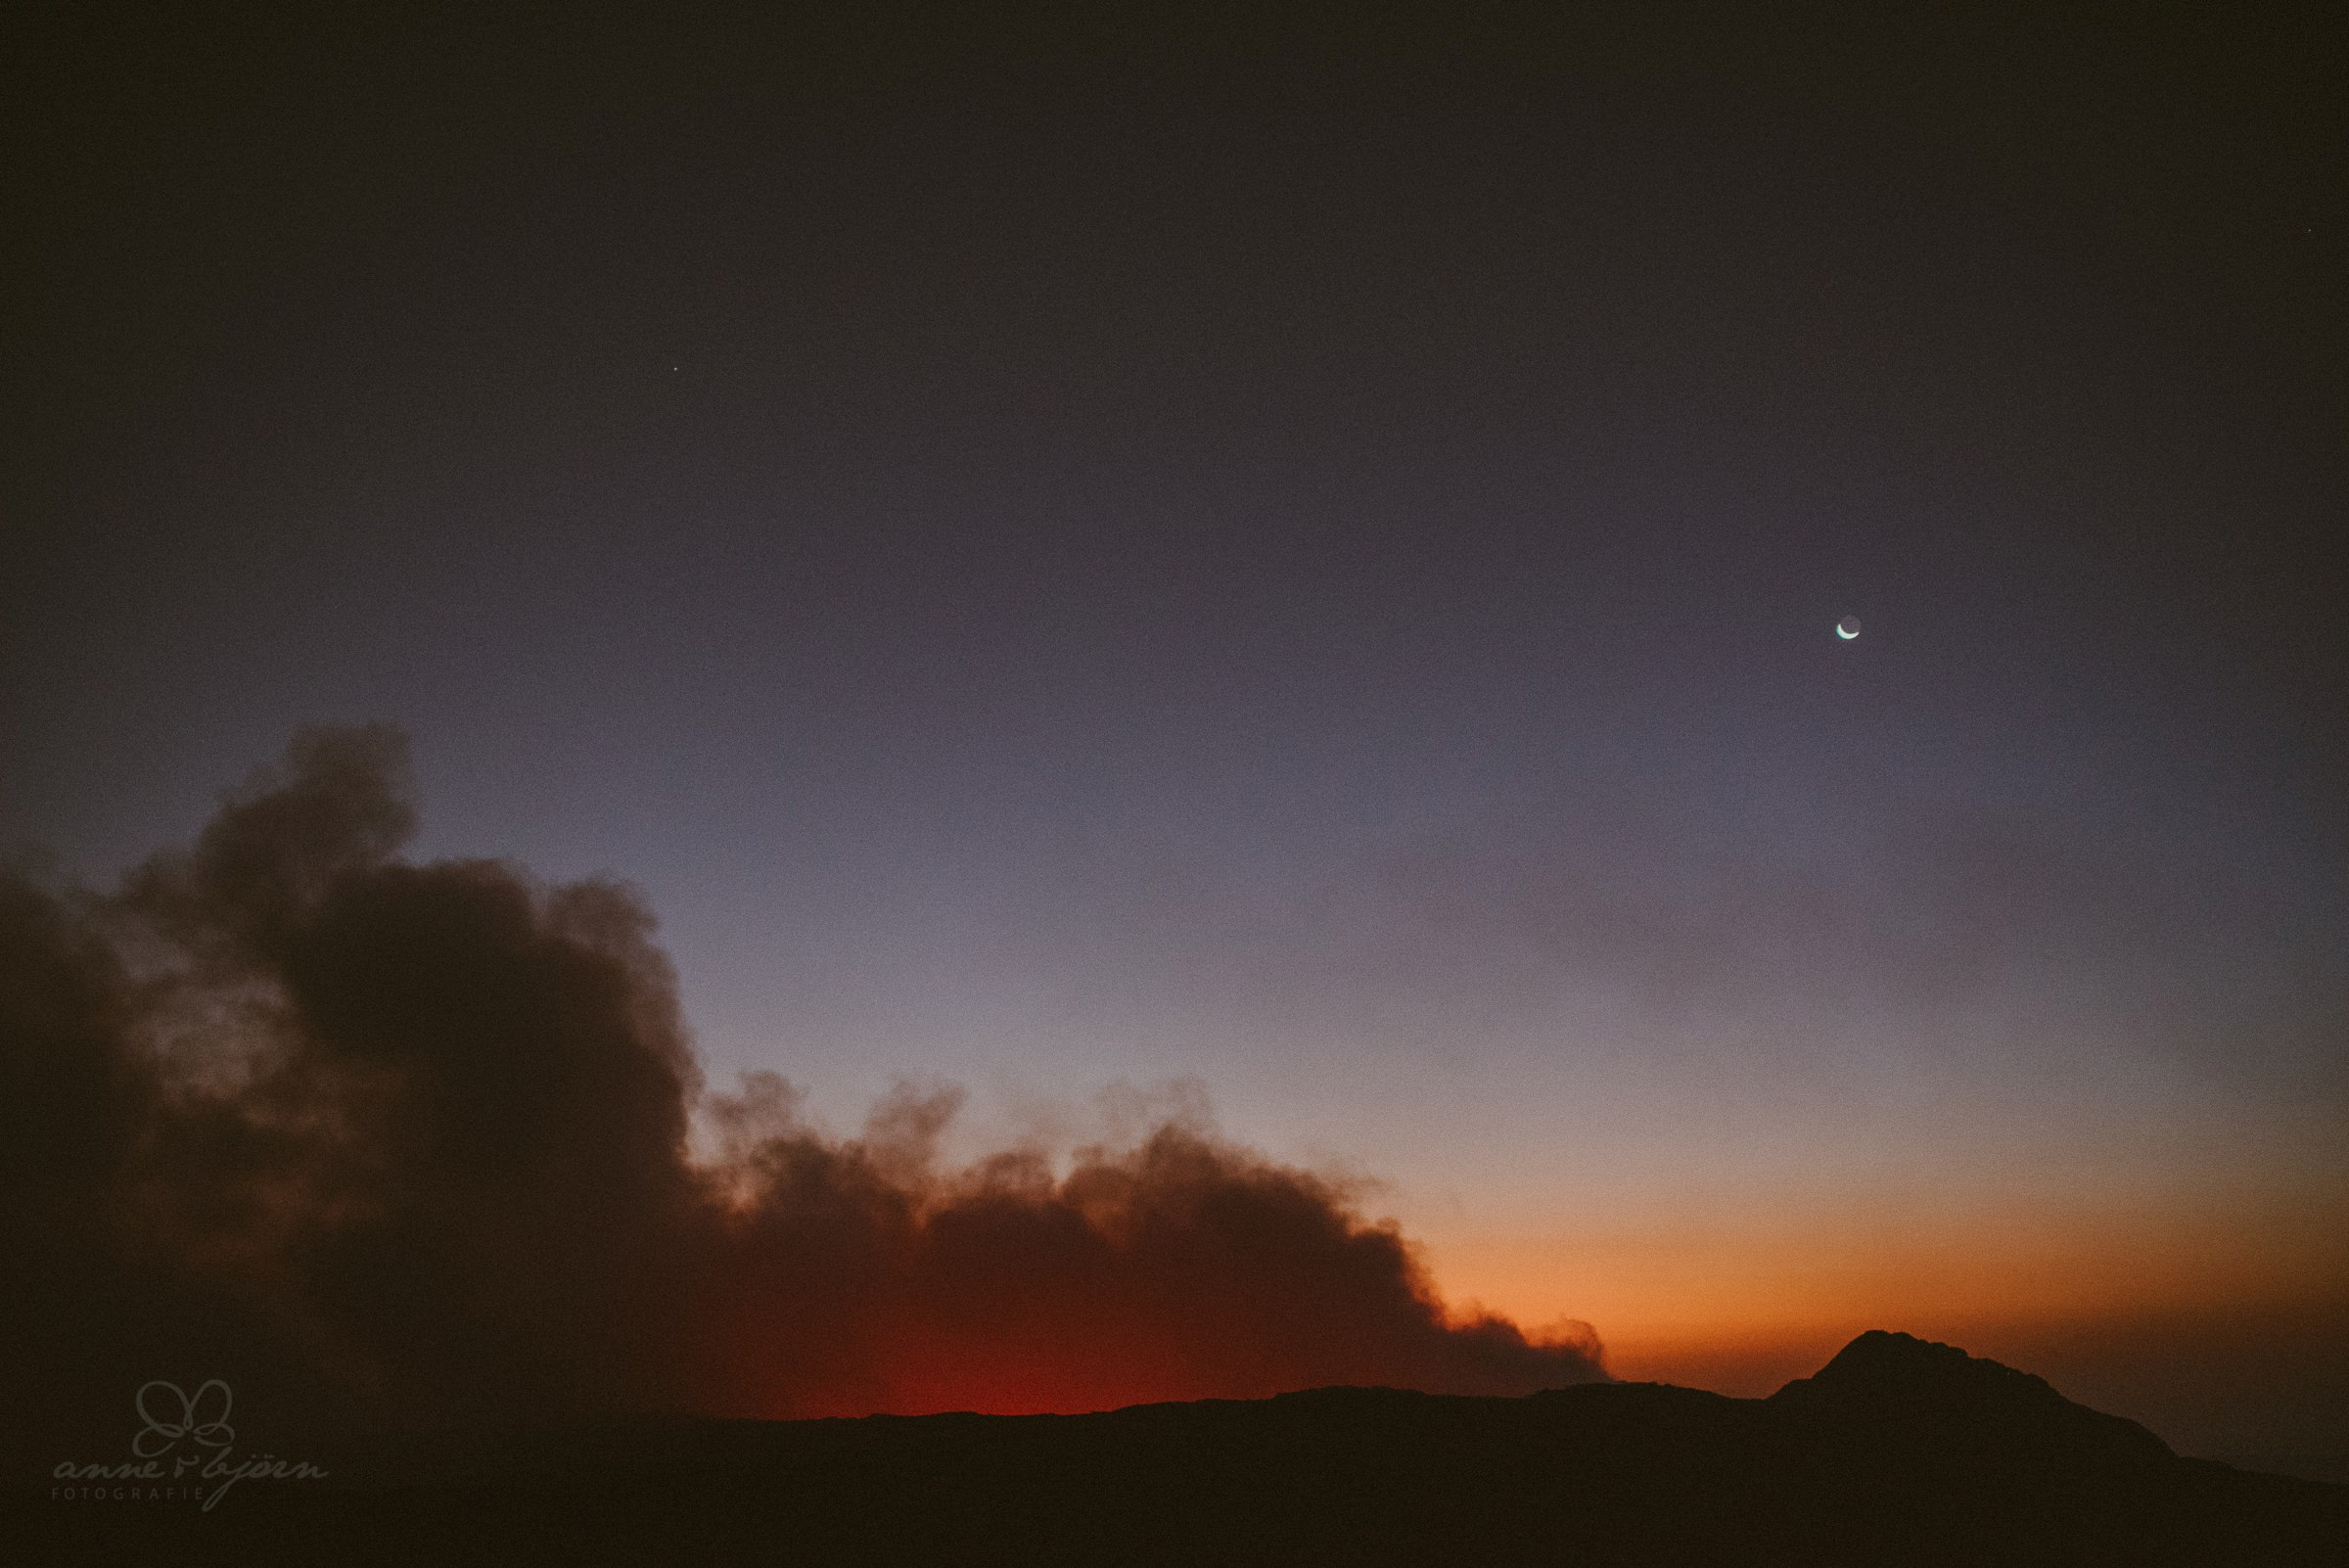 Farbstimmung, Sonnenaufgang, Lava, Rauch, Vulkan, Volcano, Ethiopia